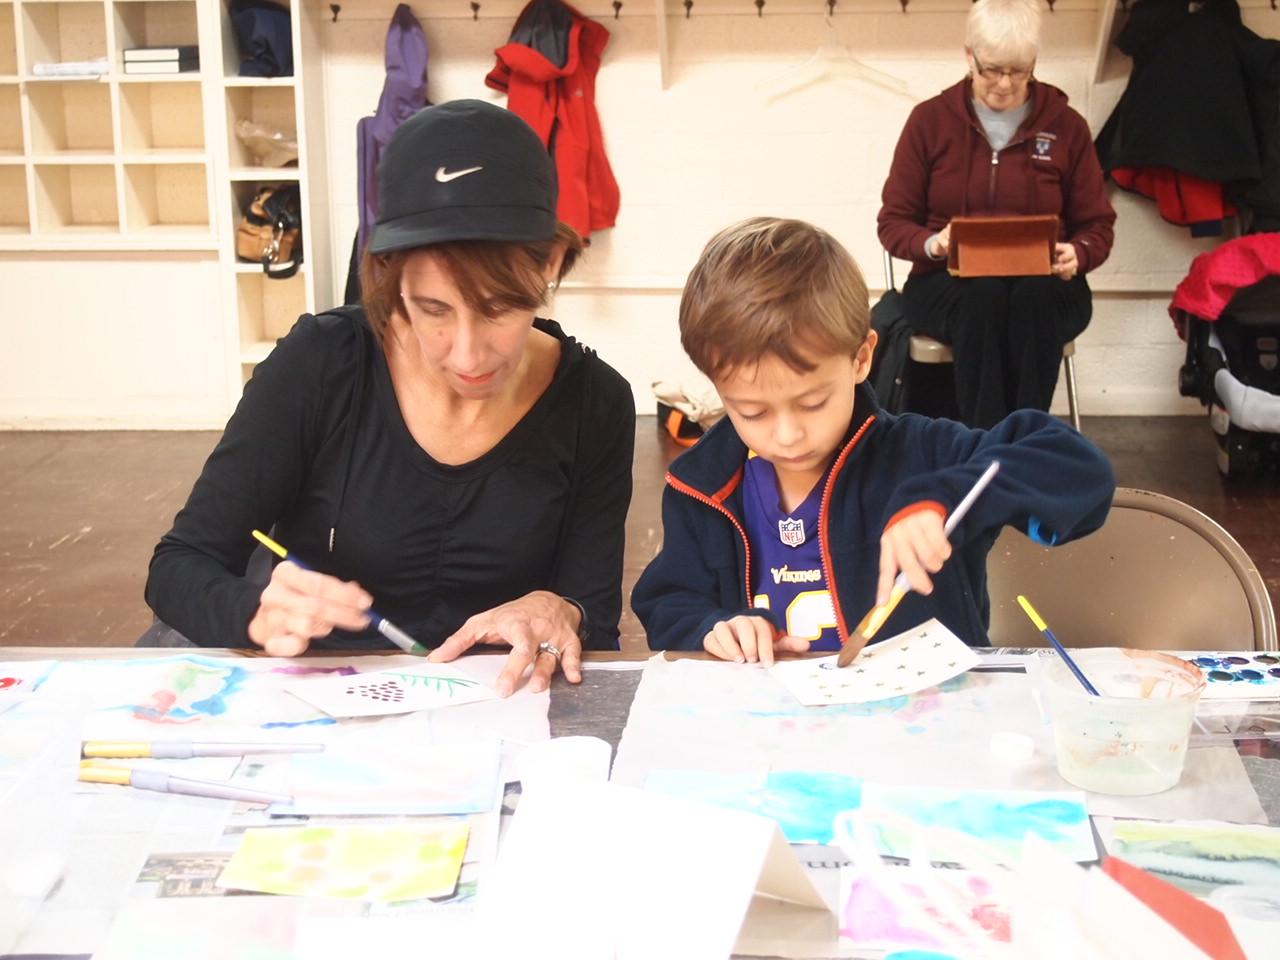 My Art Mom's Art (MaMa) Playgroup